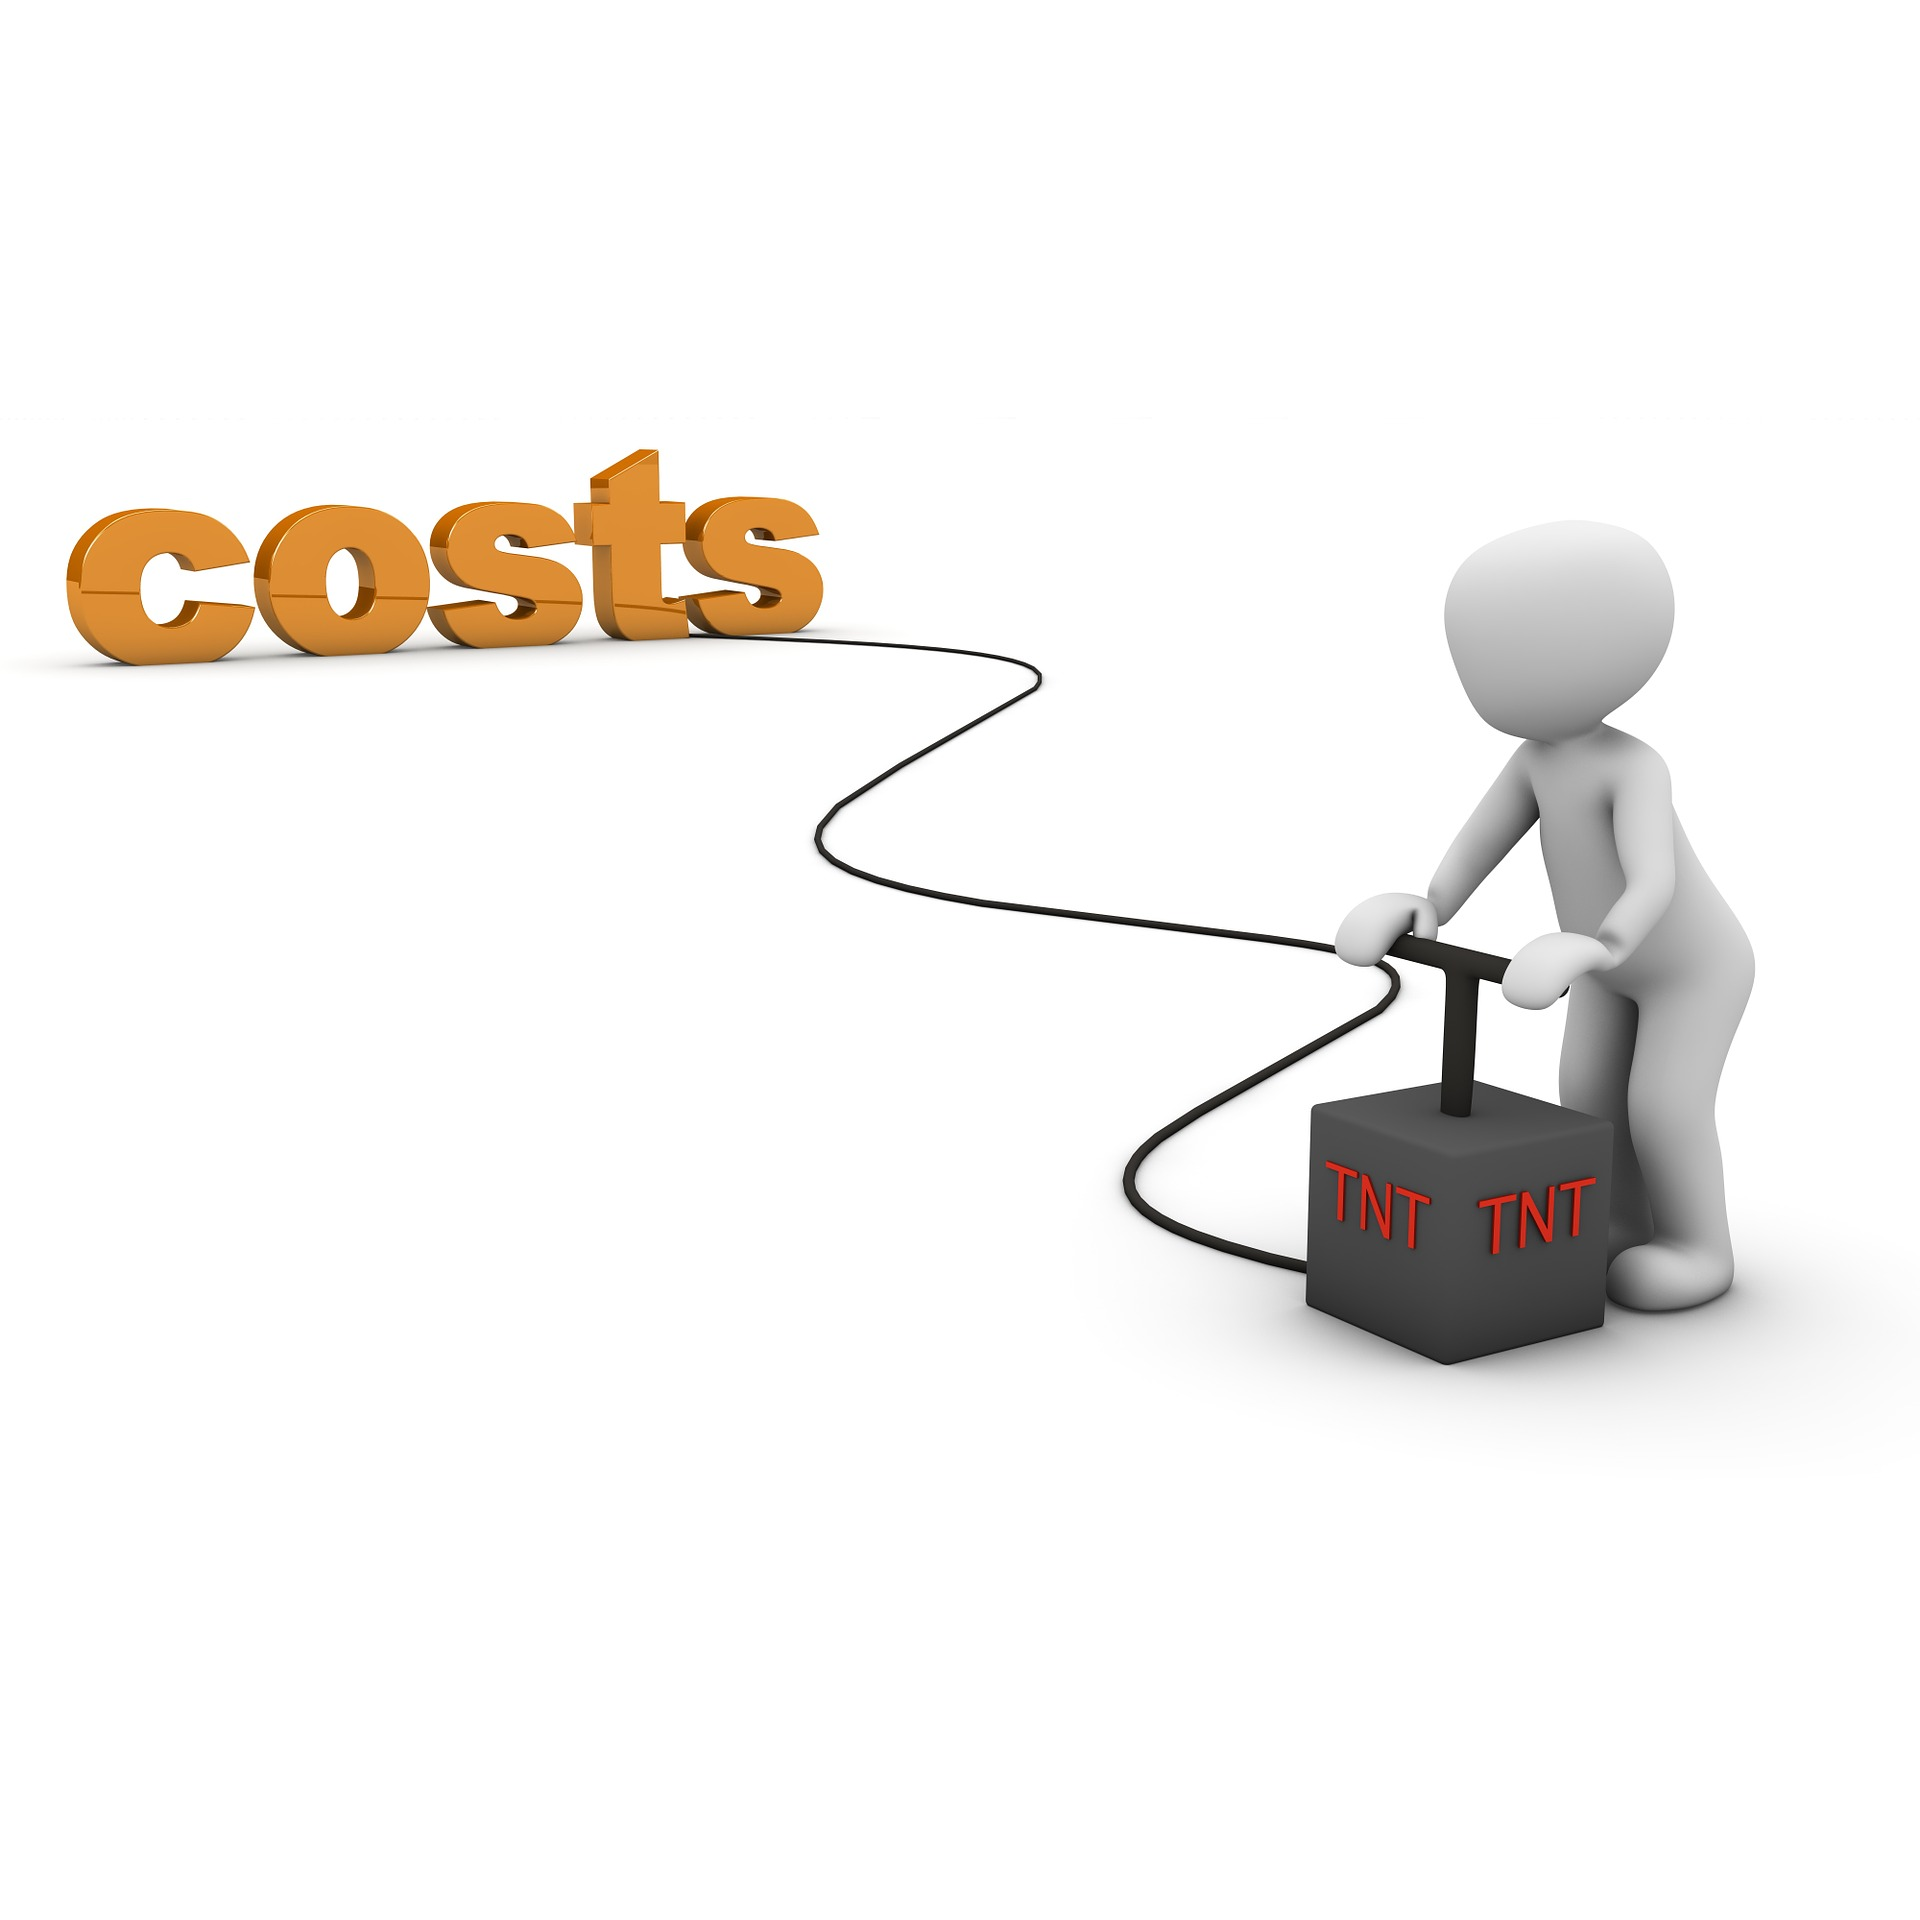 cost-1027760_1920